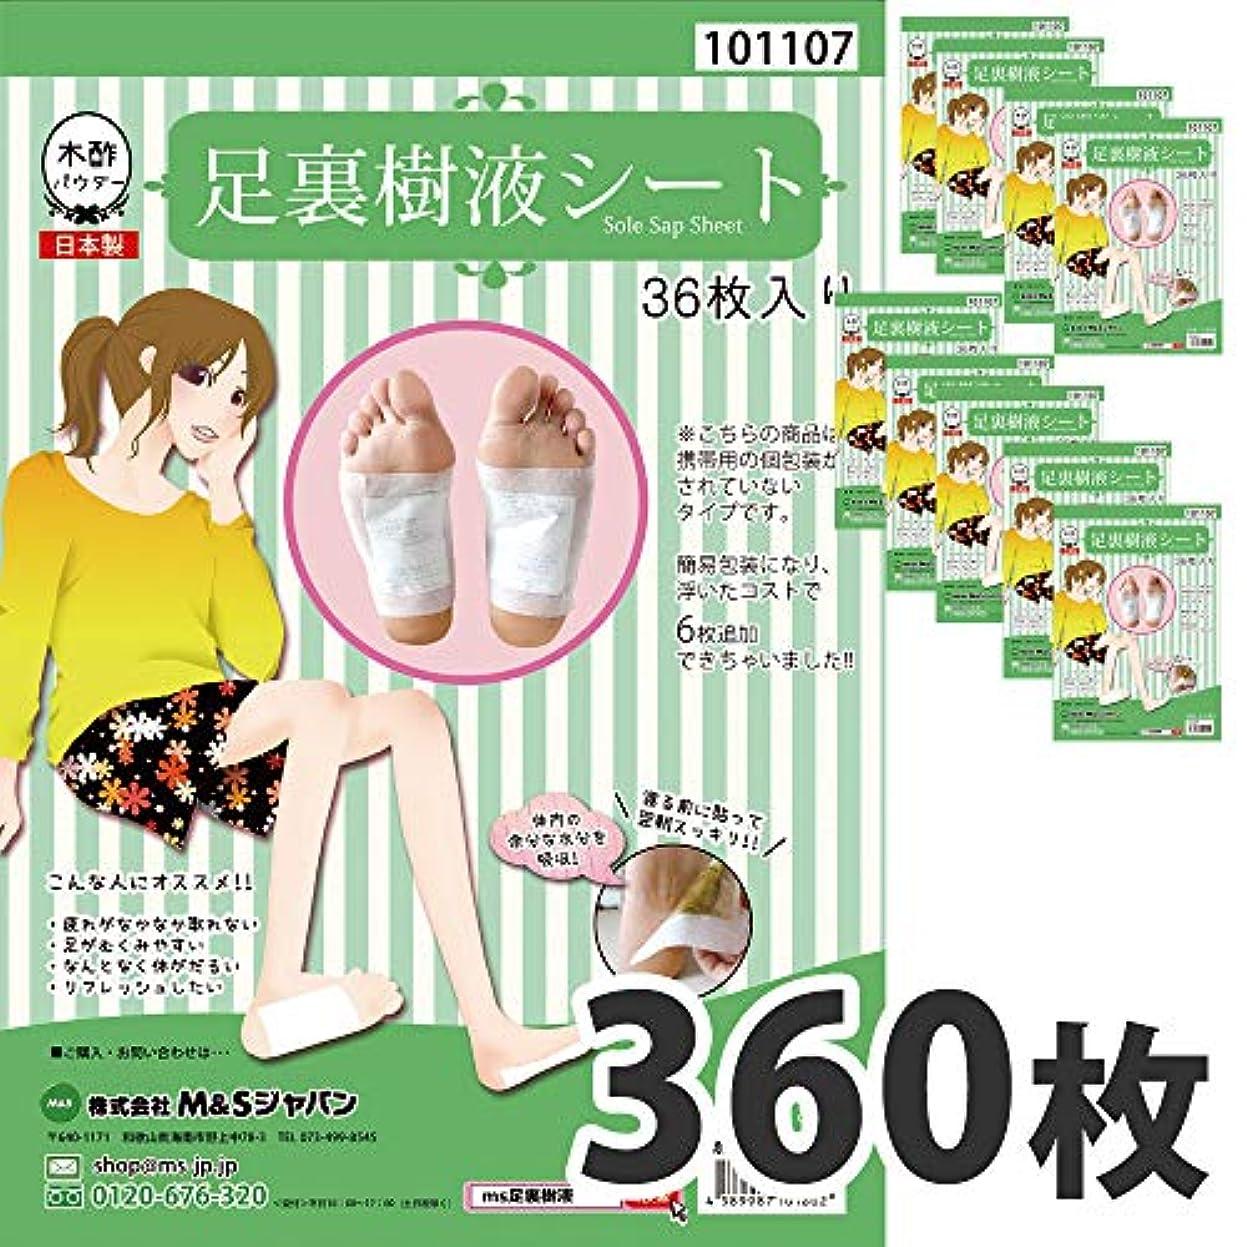 圧縮された明らかにするエレメンタル日本製 足裏樹液シート 足裏シート お得 人気 樹液シート 足裏 (360枚入り)